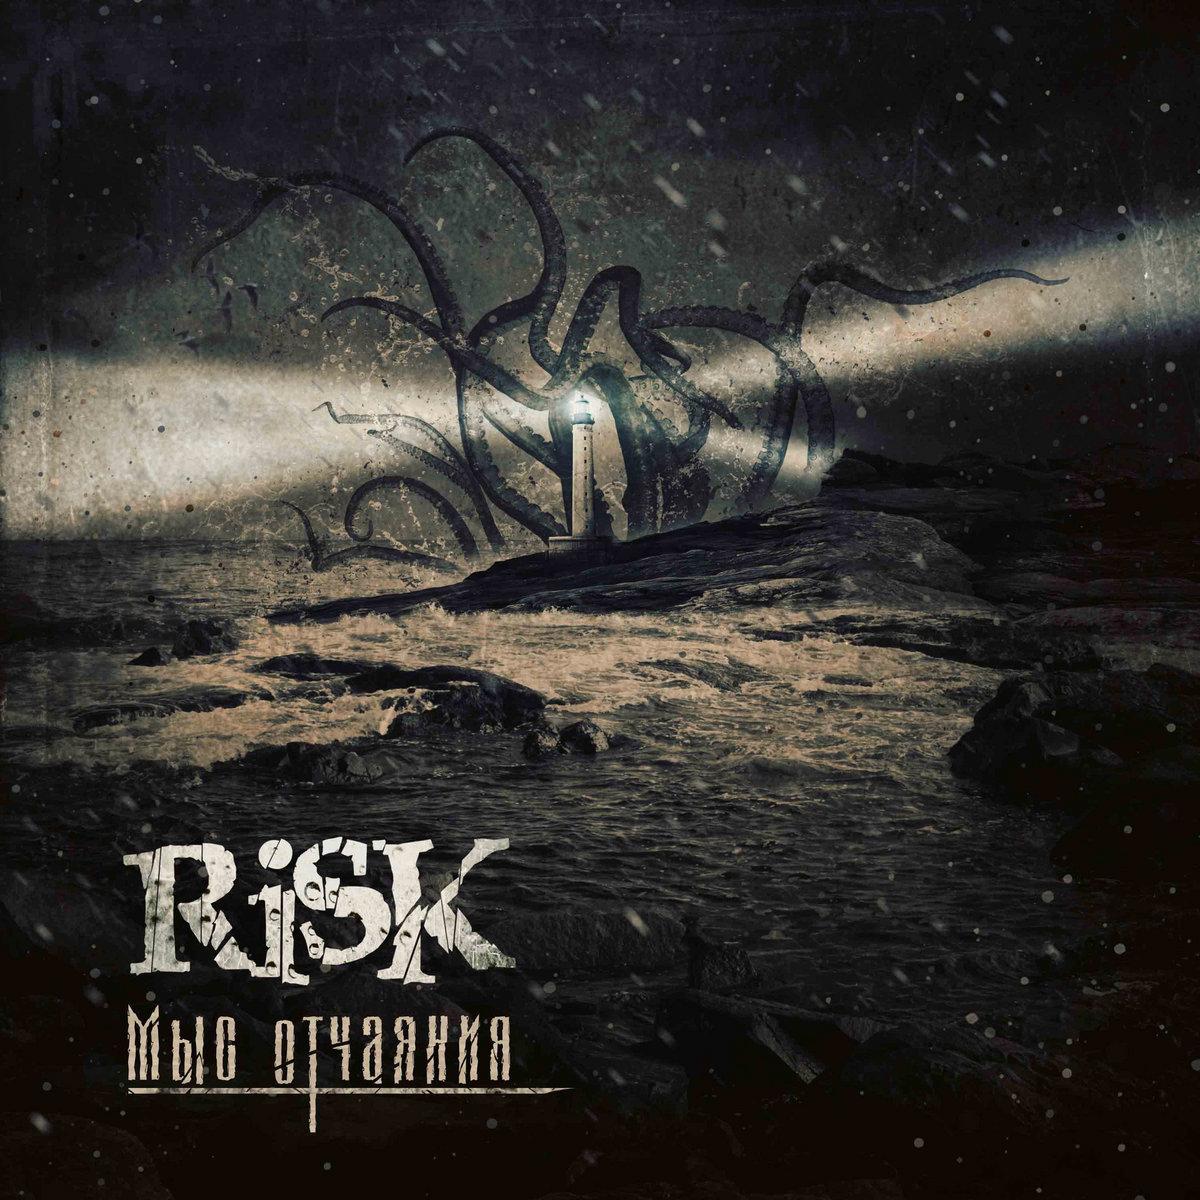 Дебютный EP группы RISK - Мыс отчаяния (2016)